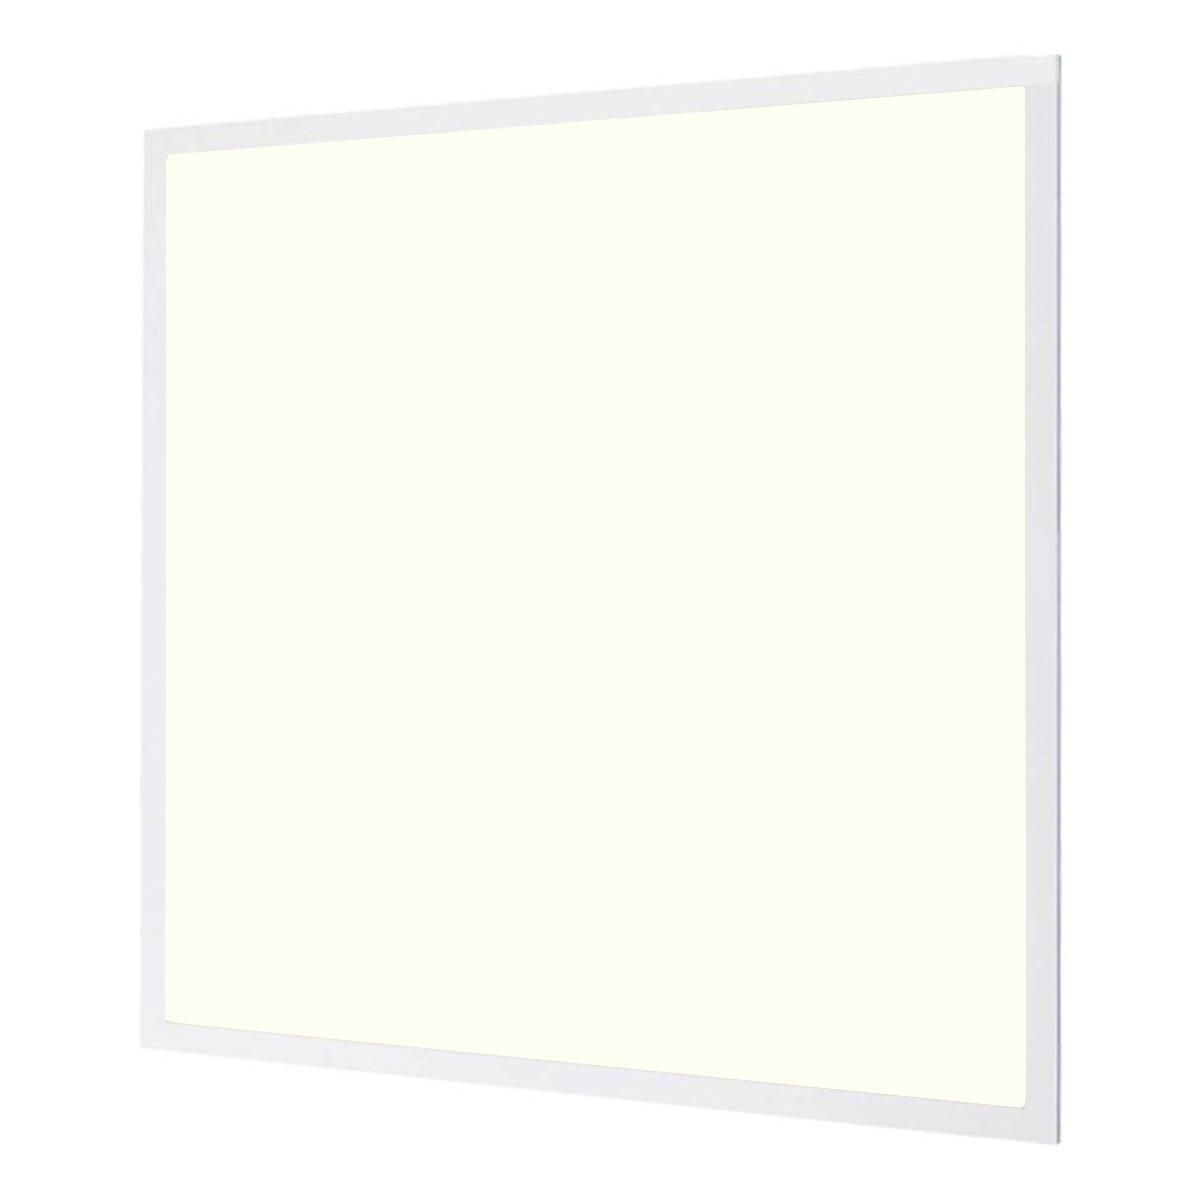 LED Paneel - Aigi - 60x60 Natuurlijk Wit 4000K - 40W High Lumen UGR19 - Inbouw Vierkant - Inclusief